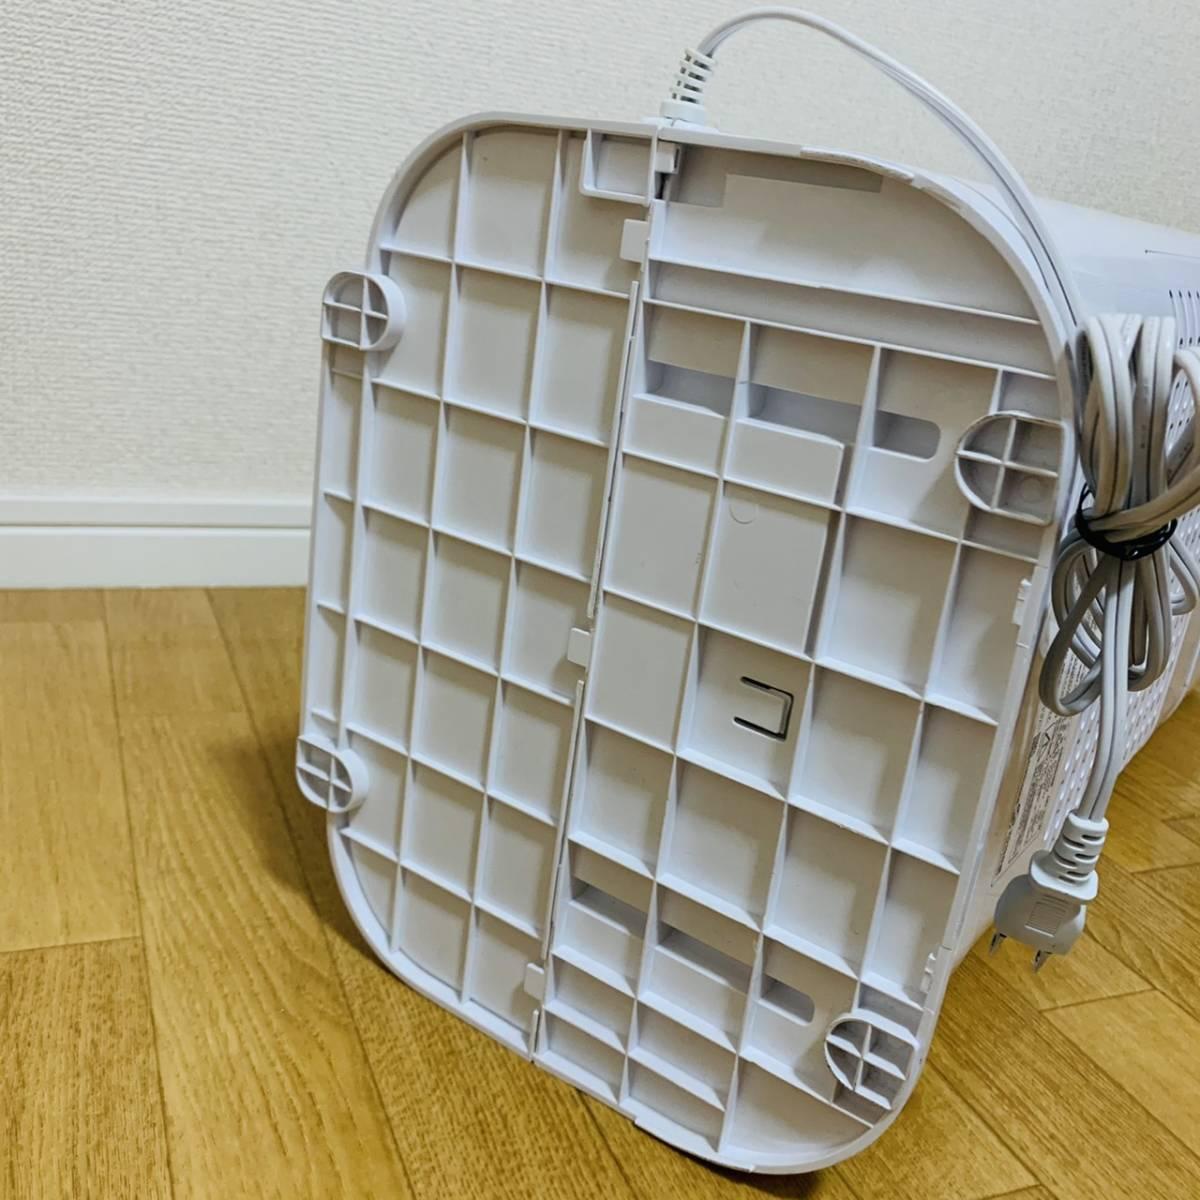 美品! アイリスオーヤマ IJD-I50 衣類乾燥除湿機 スピード乾燥 サーキュレーター機能付 デシカント式 ホワイト 扇風機 衣類乾燥機 送風_画像9